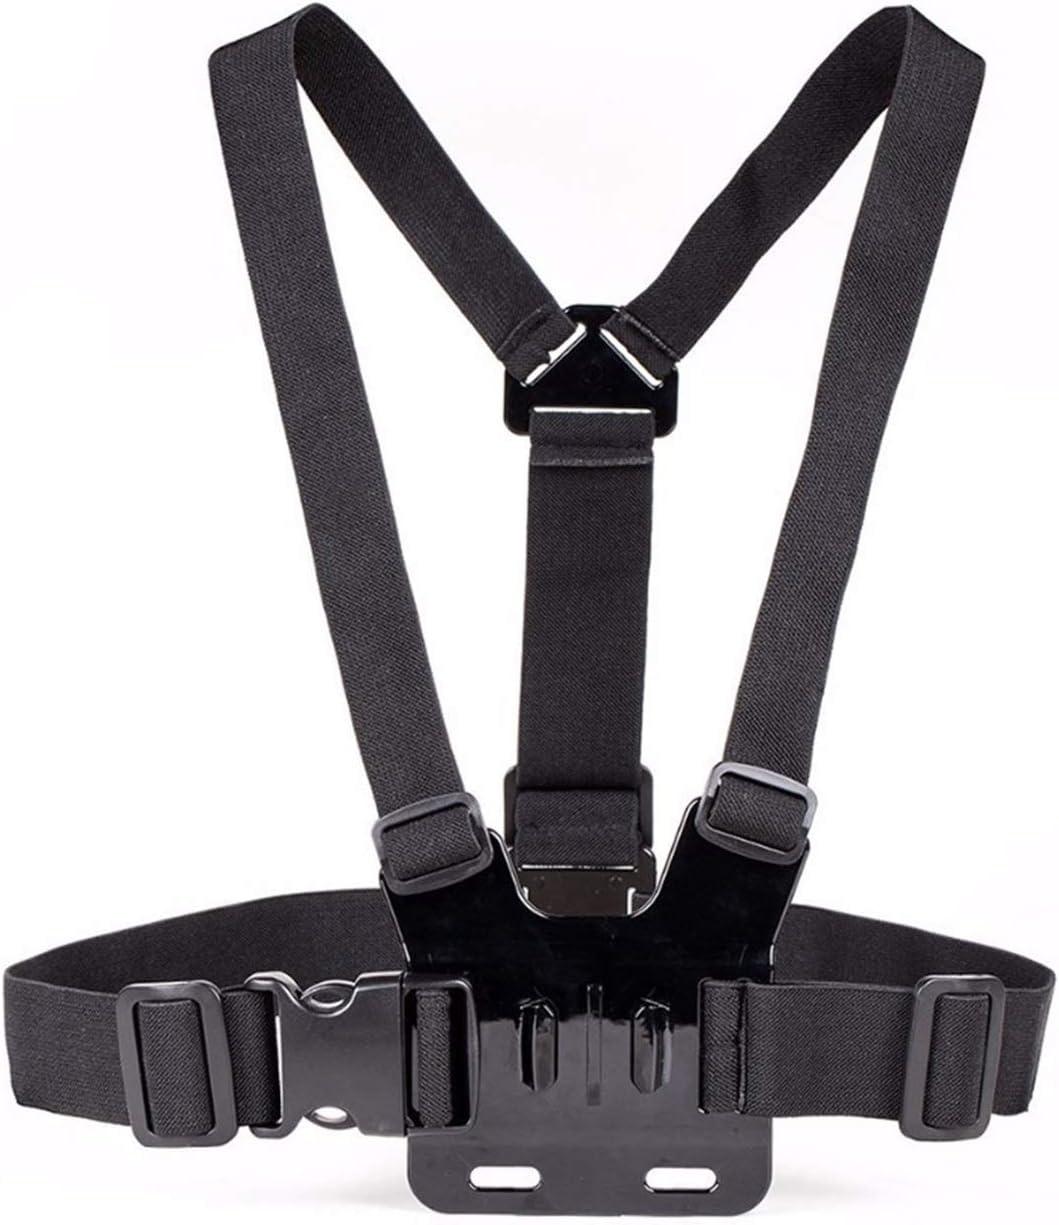 Cinturón de Montaje de Correa de Pecho para gopro héroe 5 4 xiaomi yi 4k cámara de acción arnés de Montaje en el Pecho para IR Pro SJCAM SJ4000 Sport CAM Fix